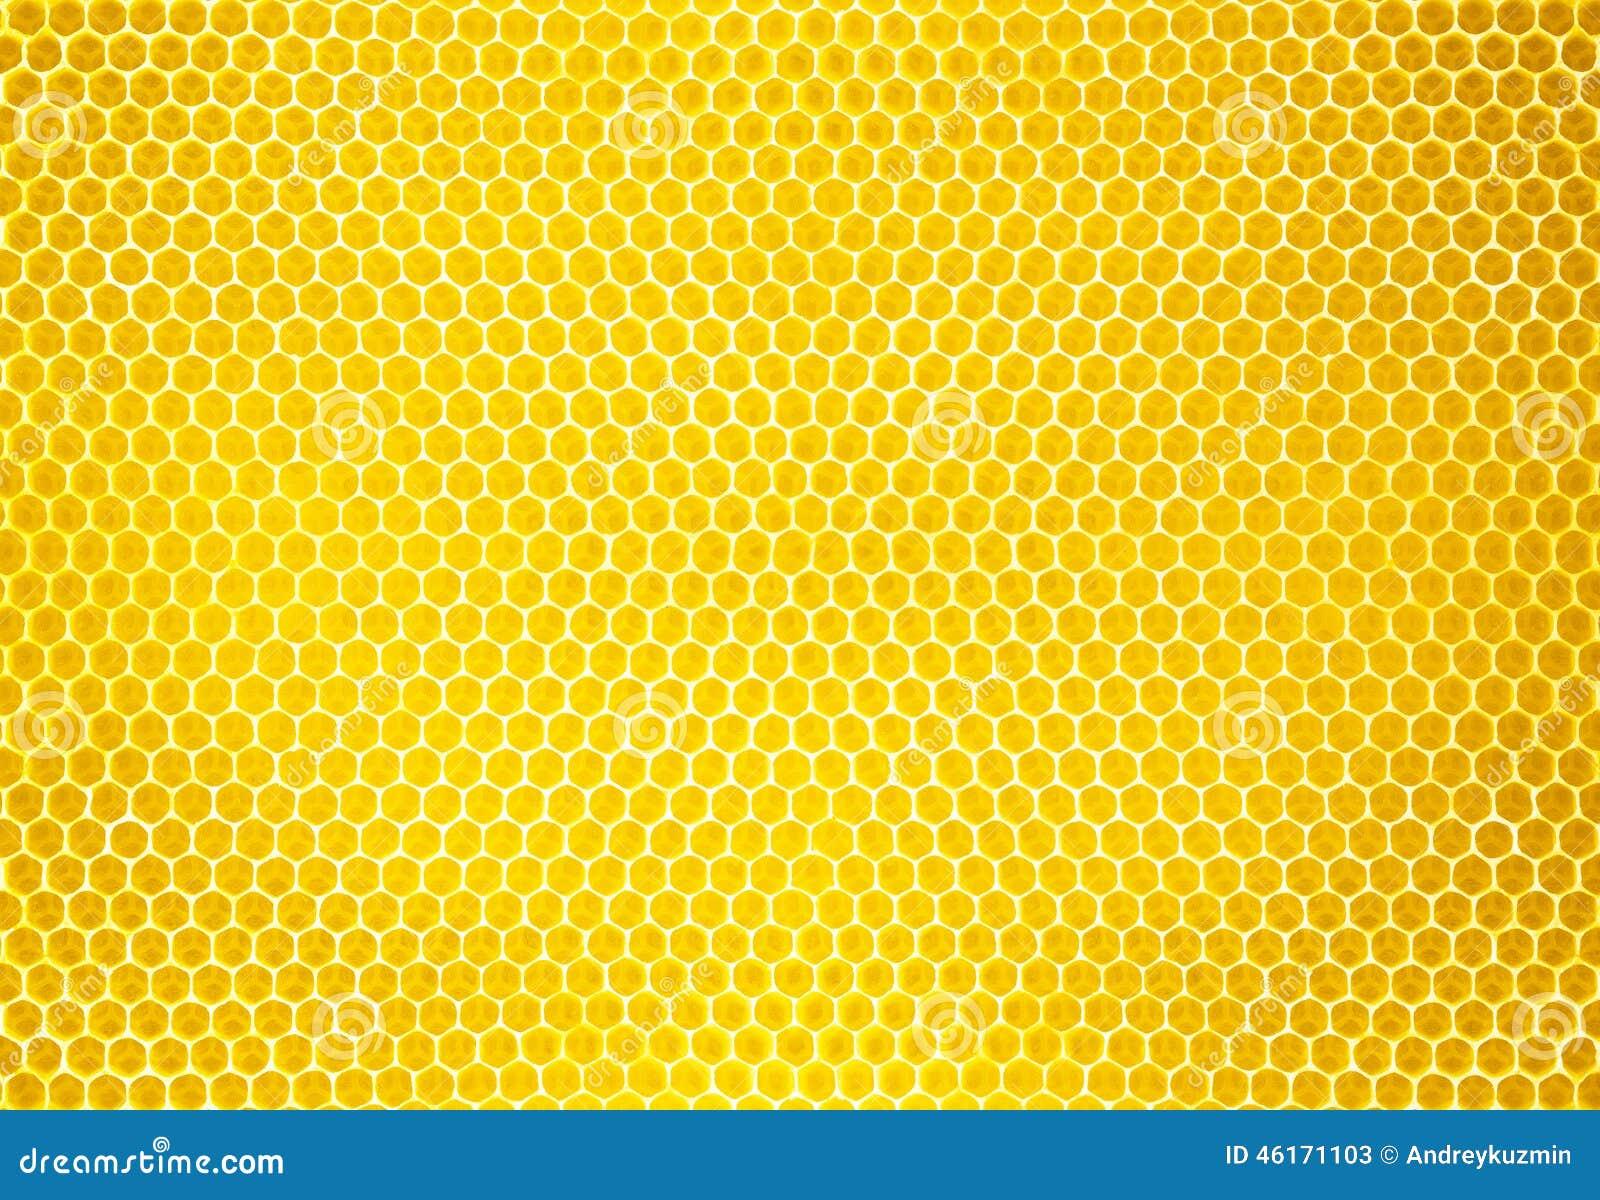 Fondo o textura natural del peine de la miel